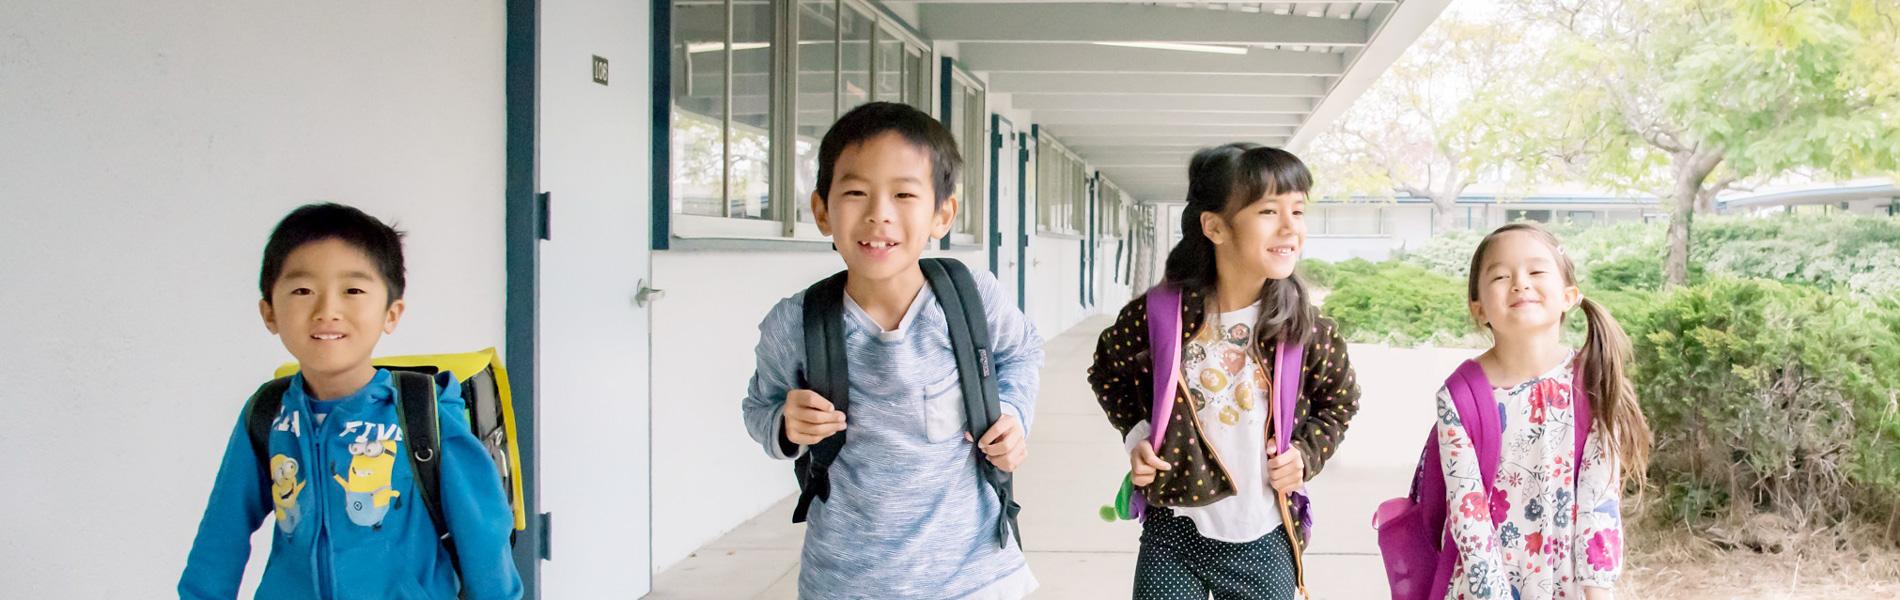 日本人としてのアイデンティティーを育てようとする子ども